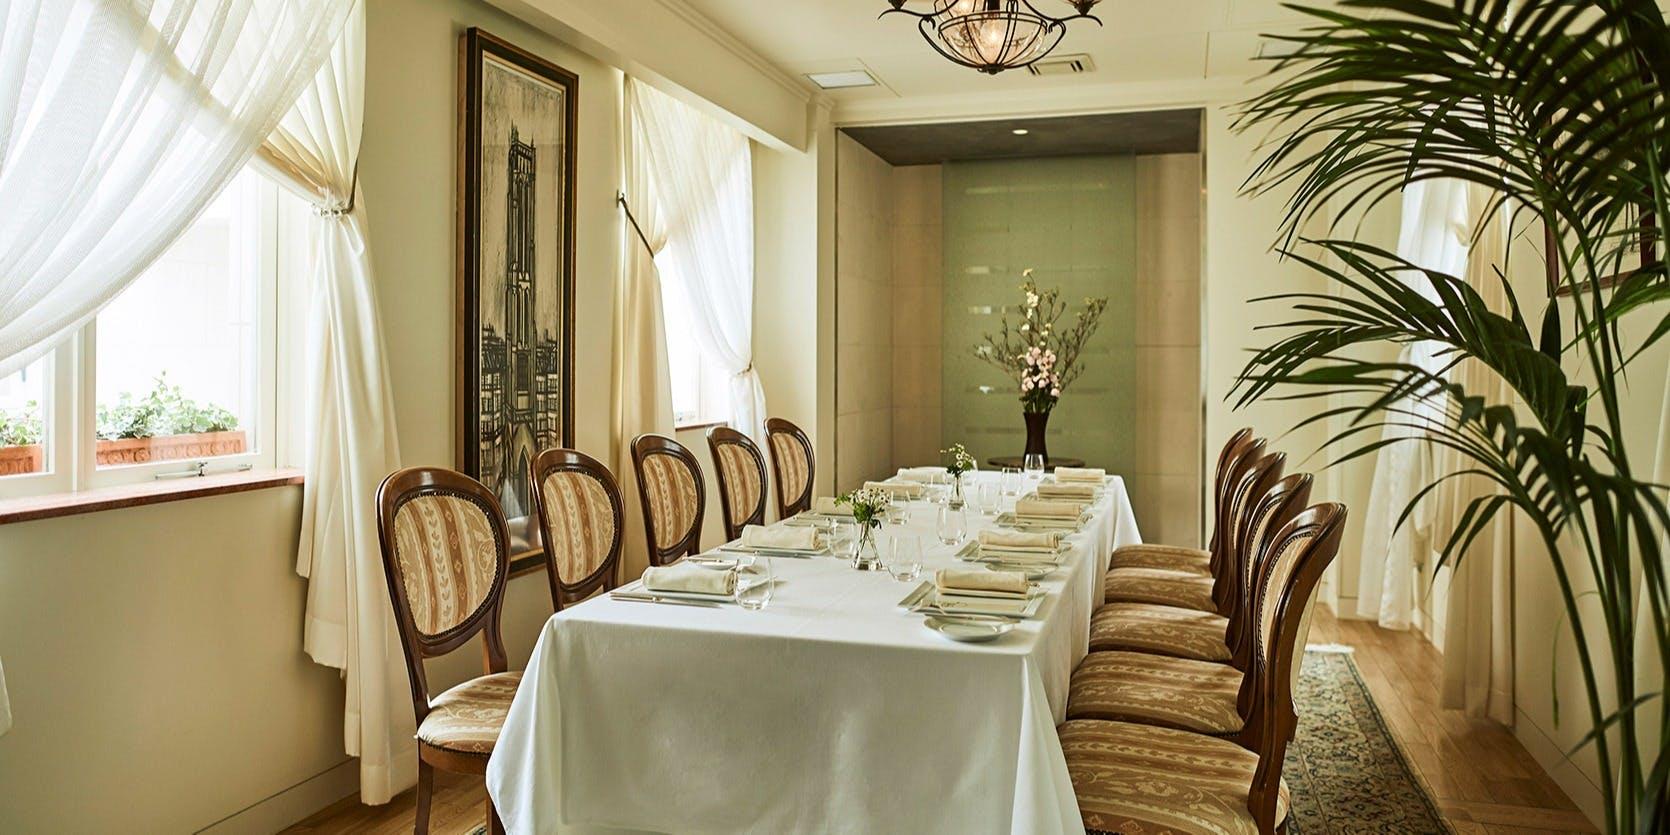 記念日におすすめのレストラン・レストランひらまつ レゼルヴの写真2